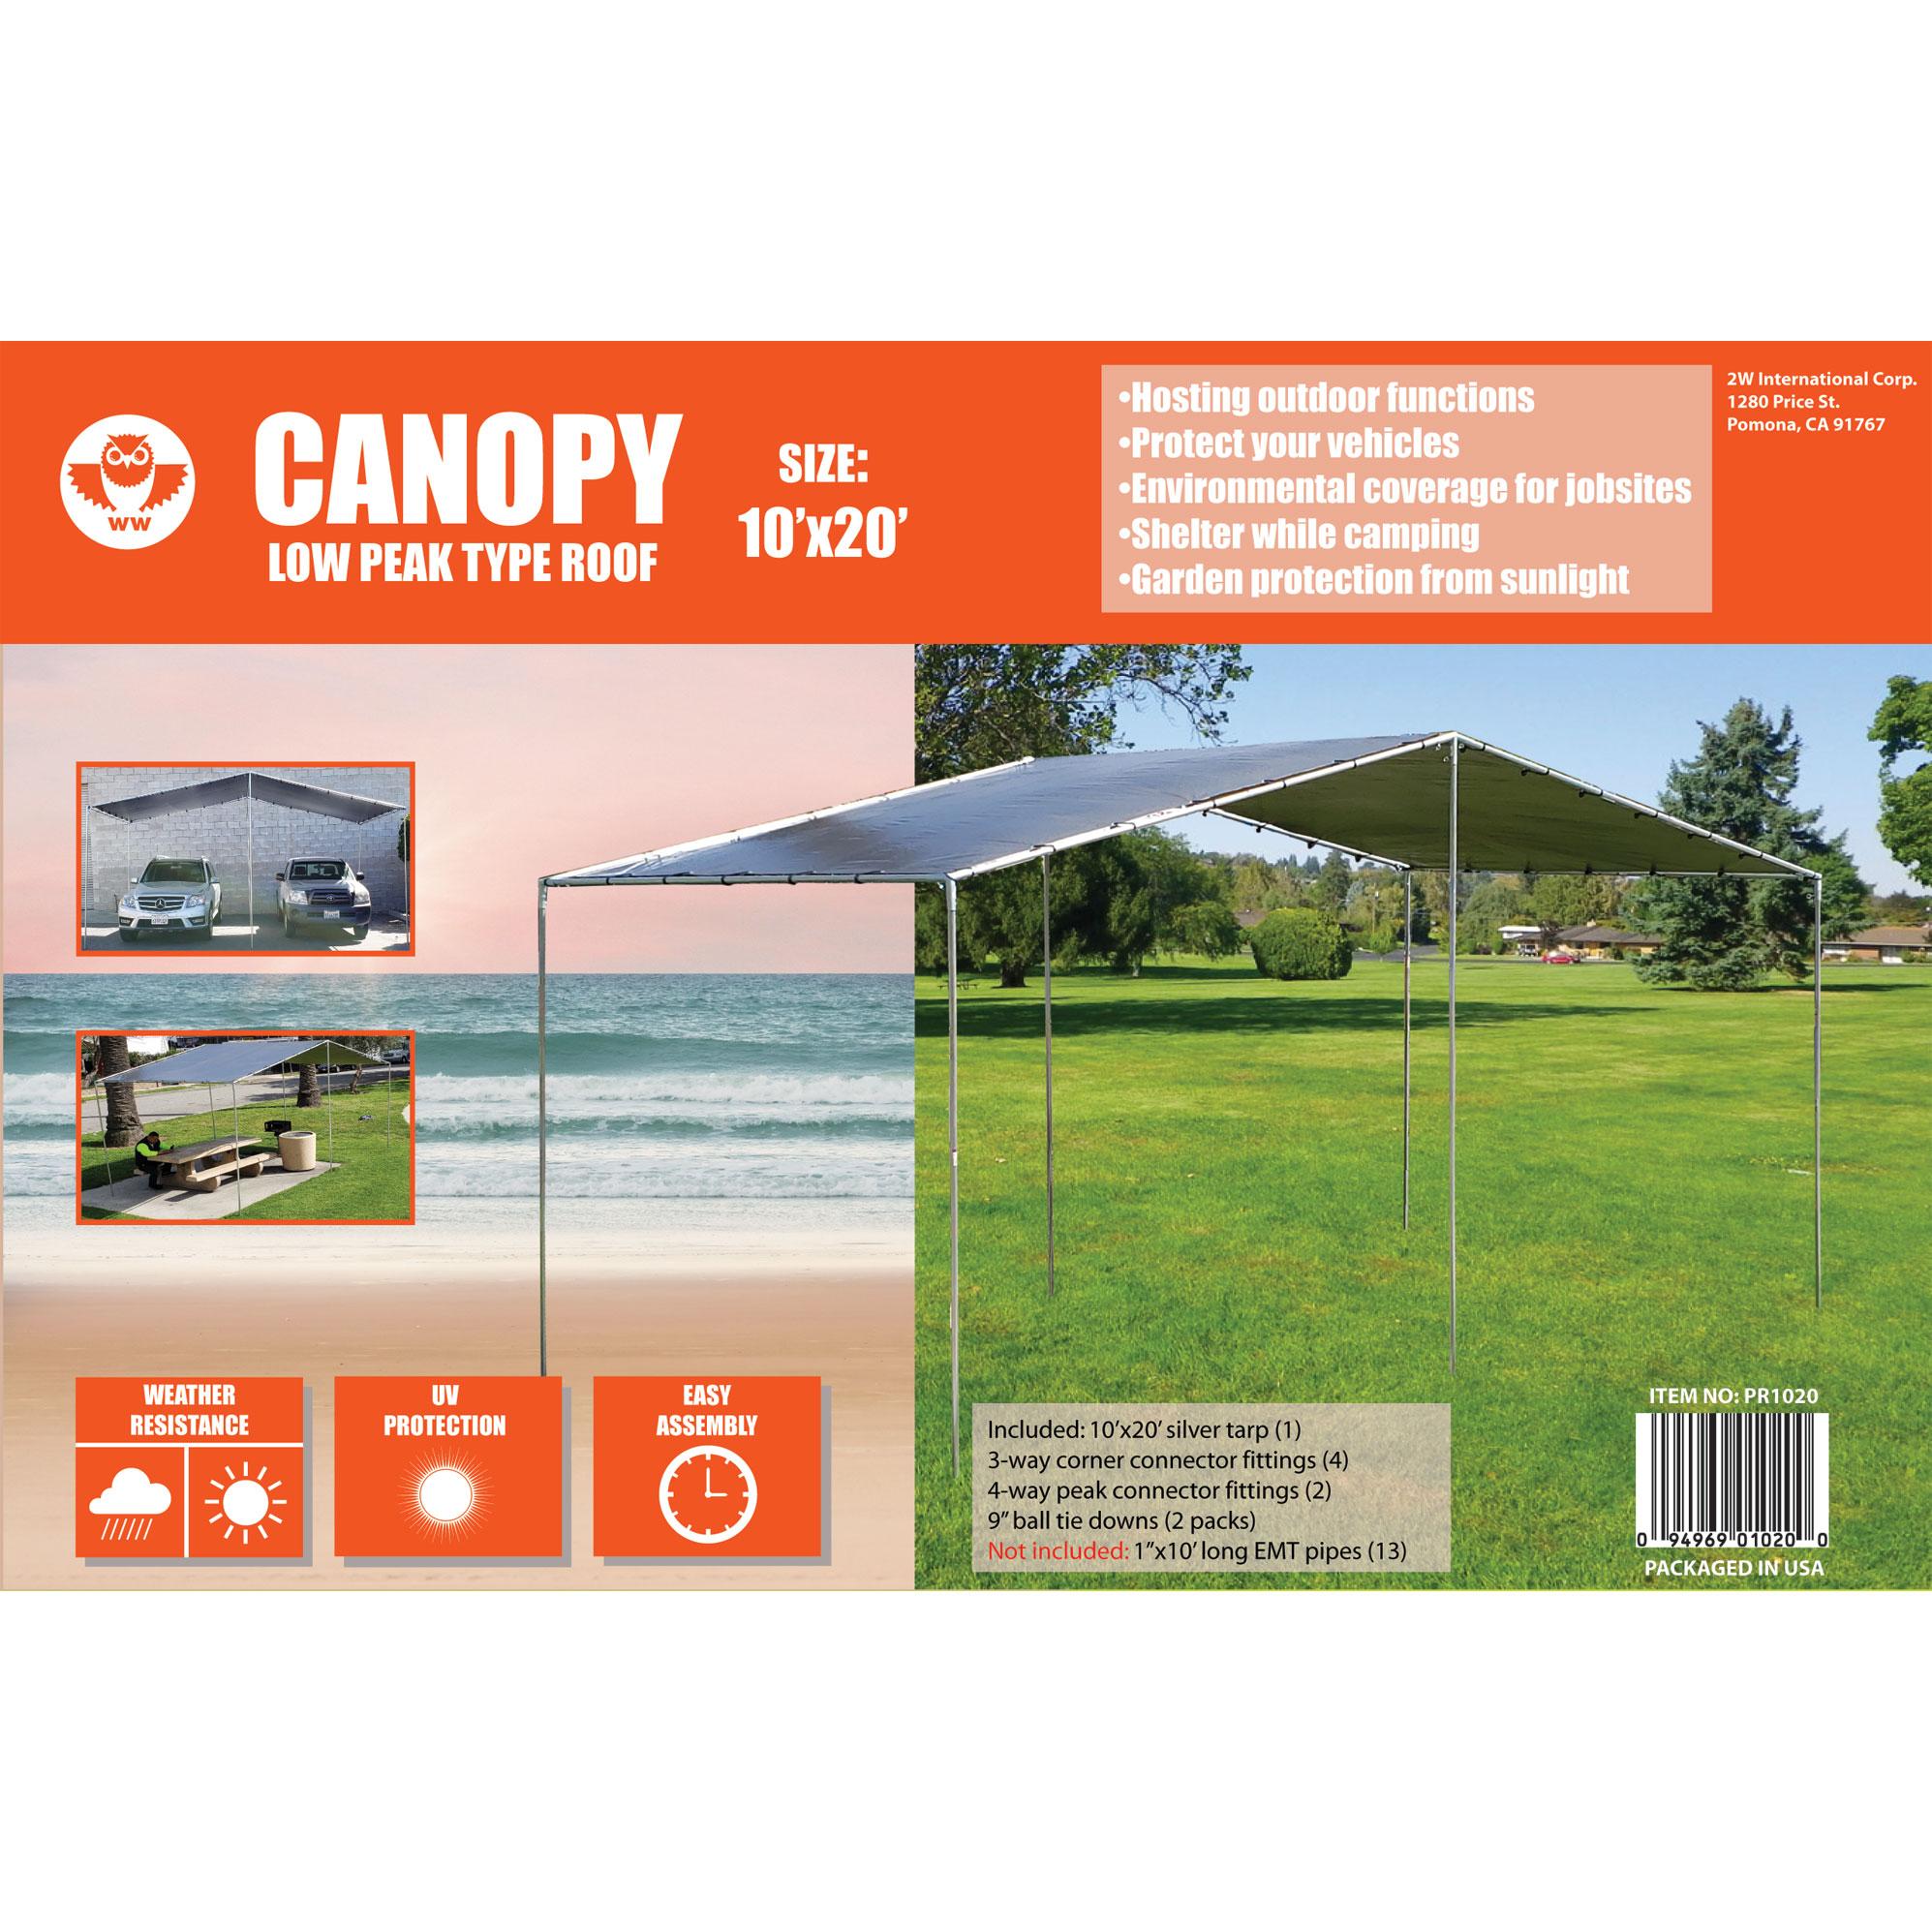 Peak Roof Type Canopy-